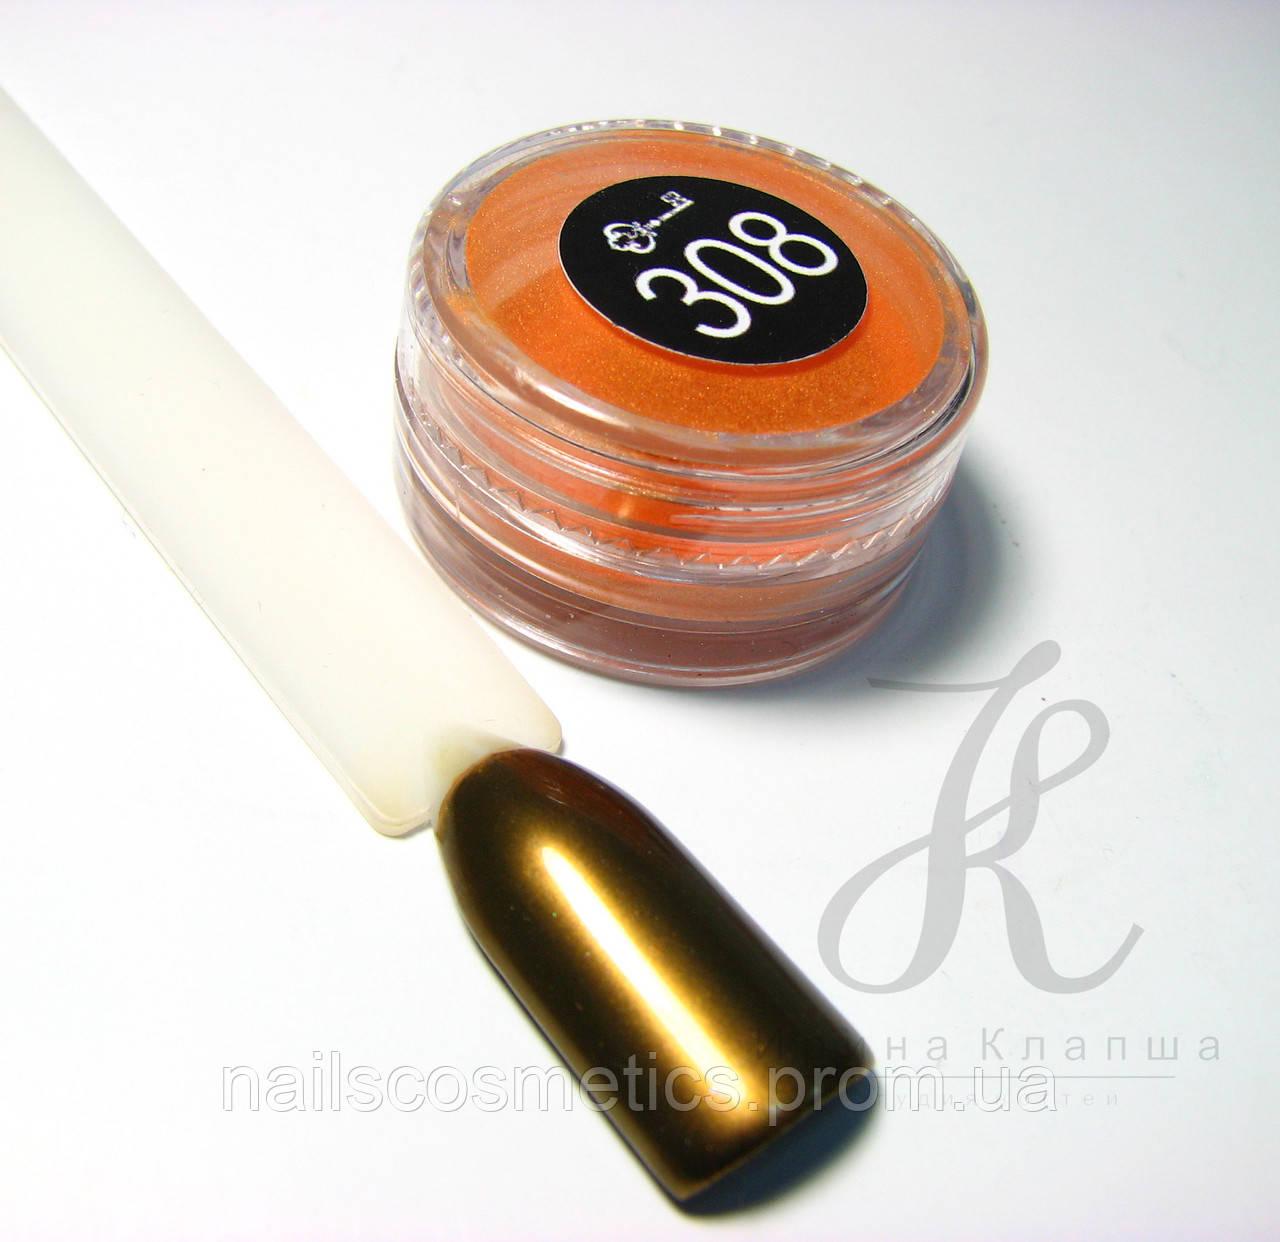 308-оранжевый блестящий пигмент